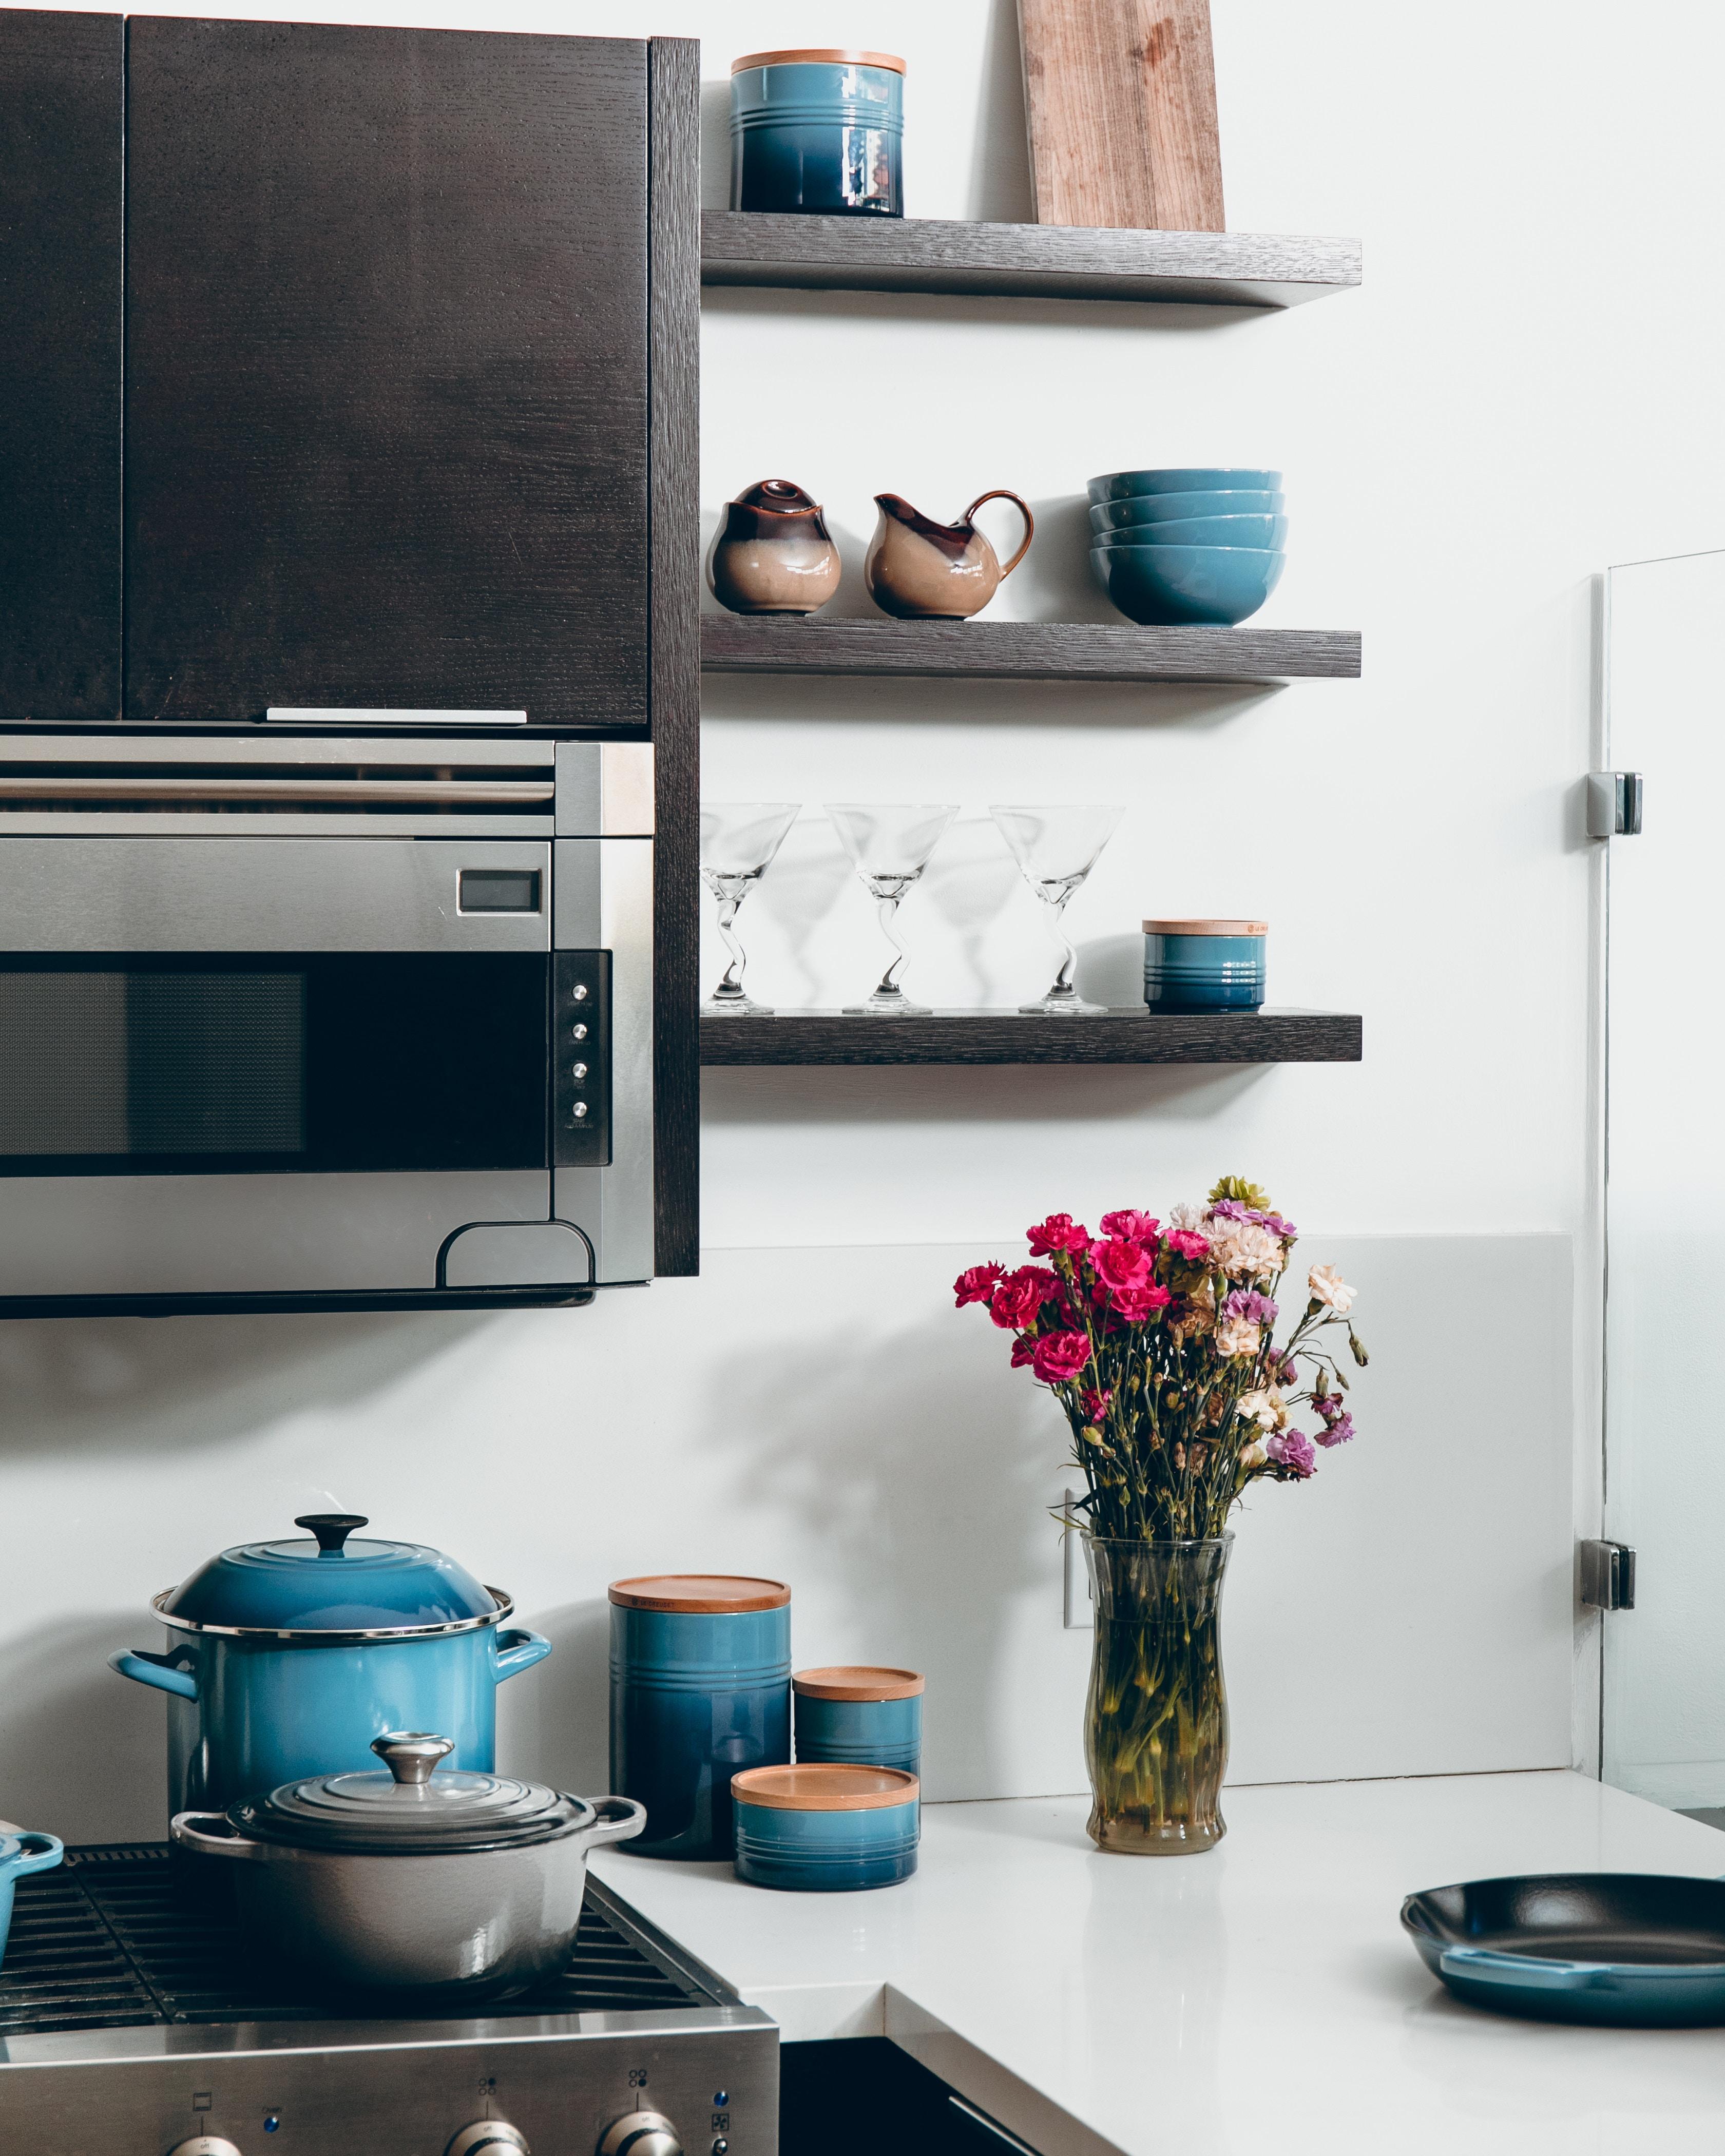 133053 скачать обои Посуда, Интерьер, Разное, Дизайн, Мебель, Кухня - заставки и картинки бесплатно